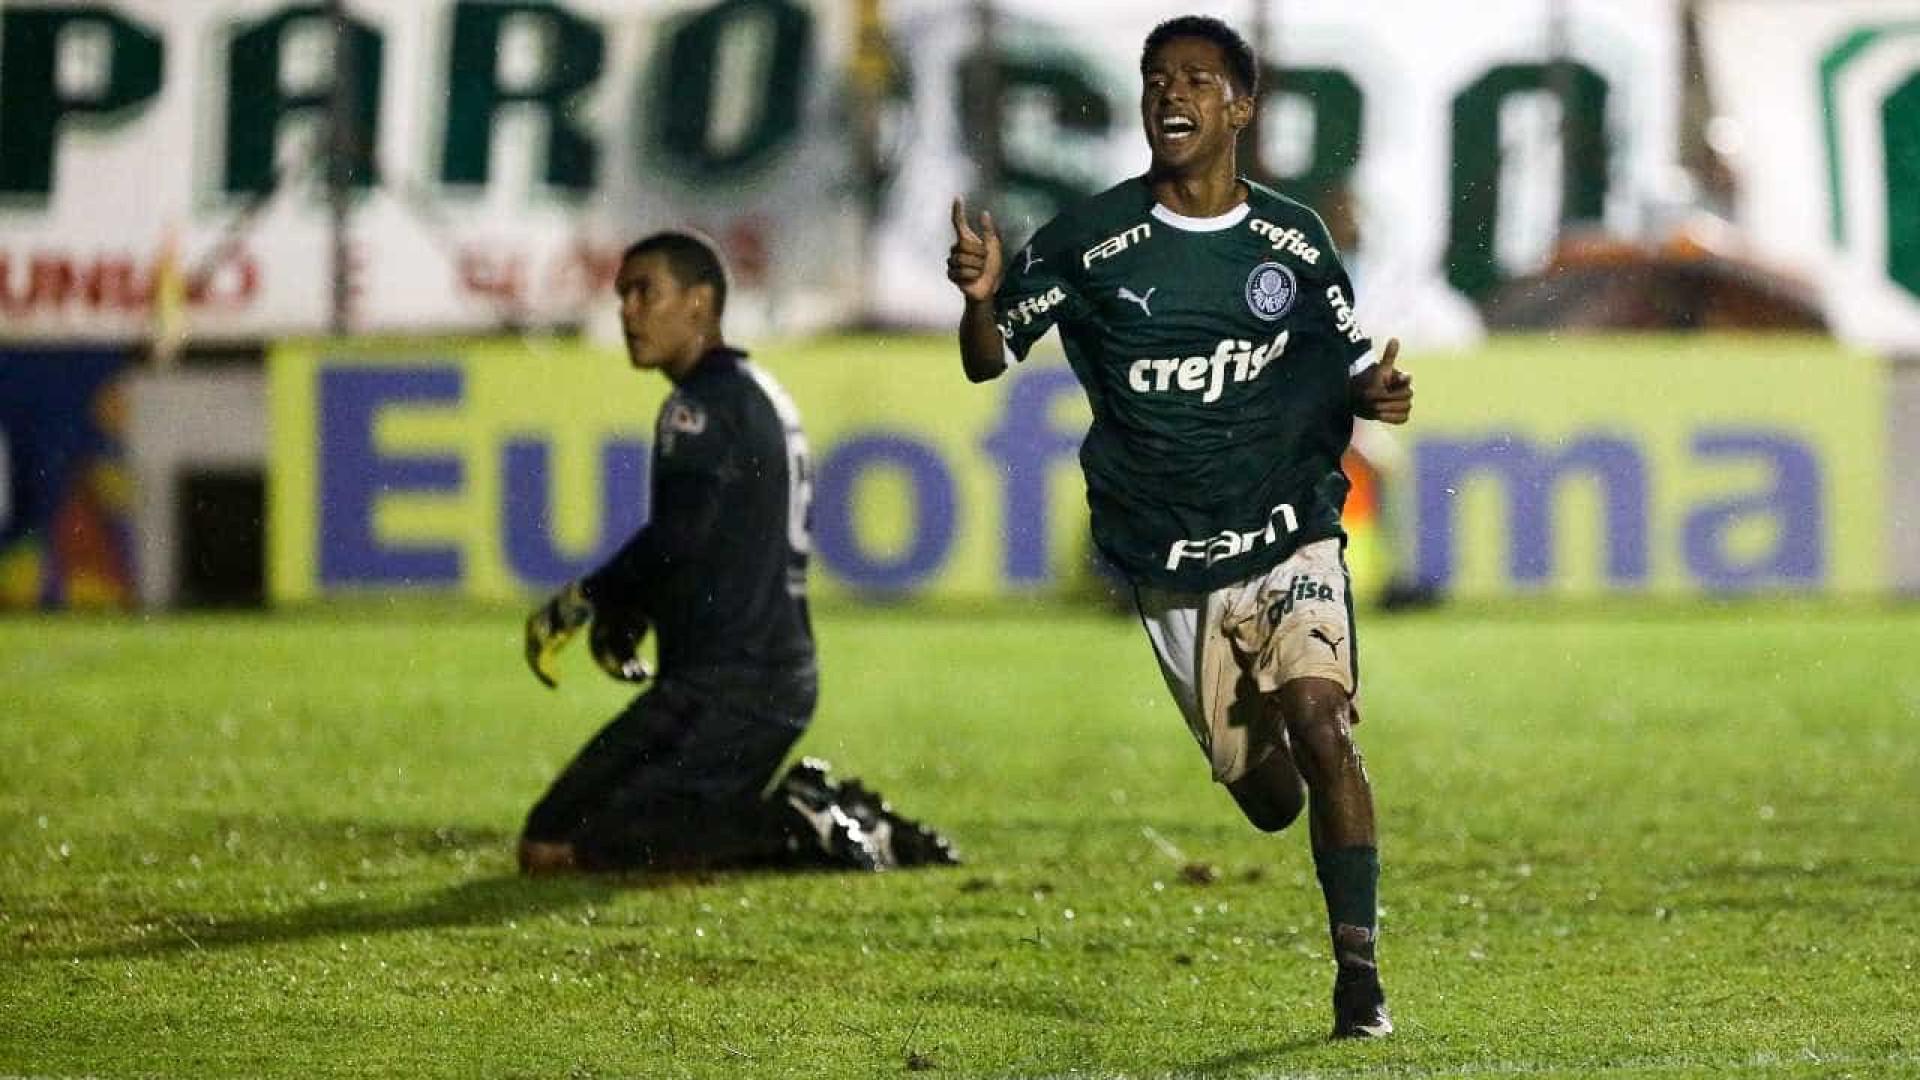 ddf130769dfaa Palmeiras estreia na Copinha com novo uniforme e vitória sobre o Galvez